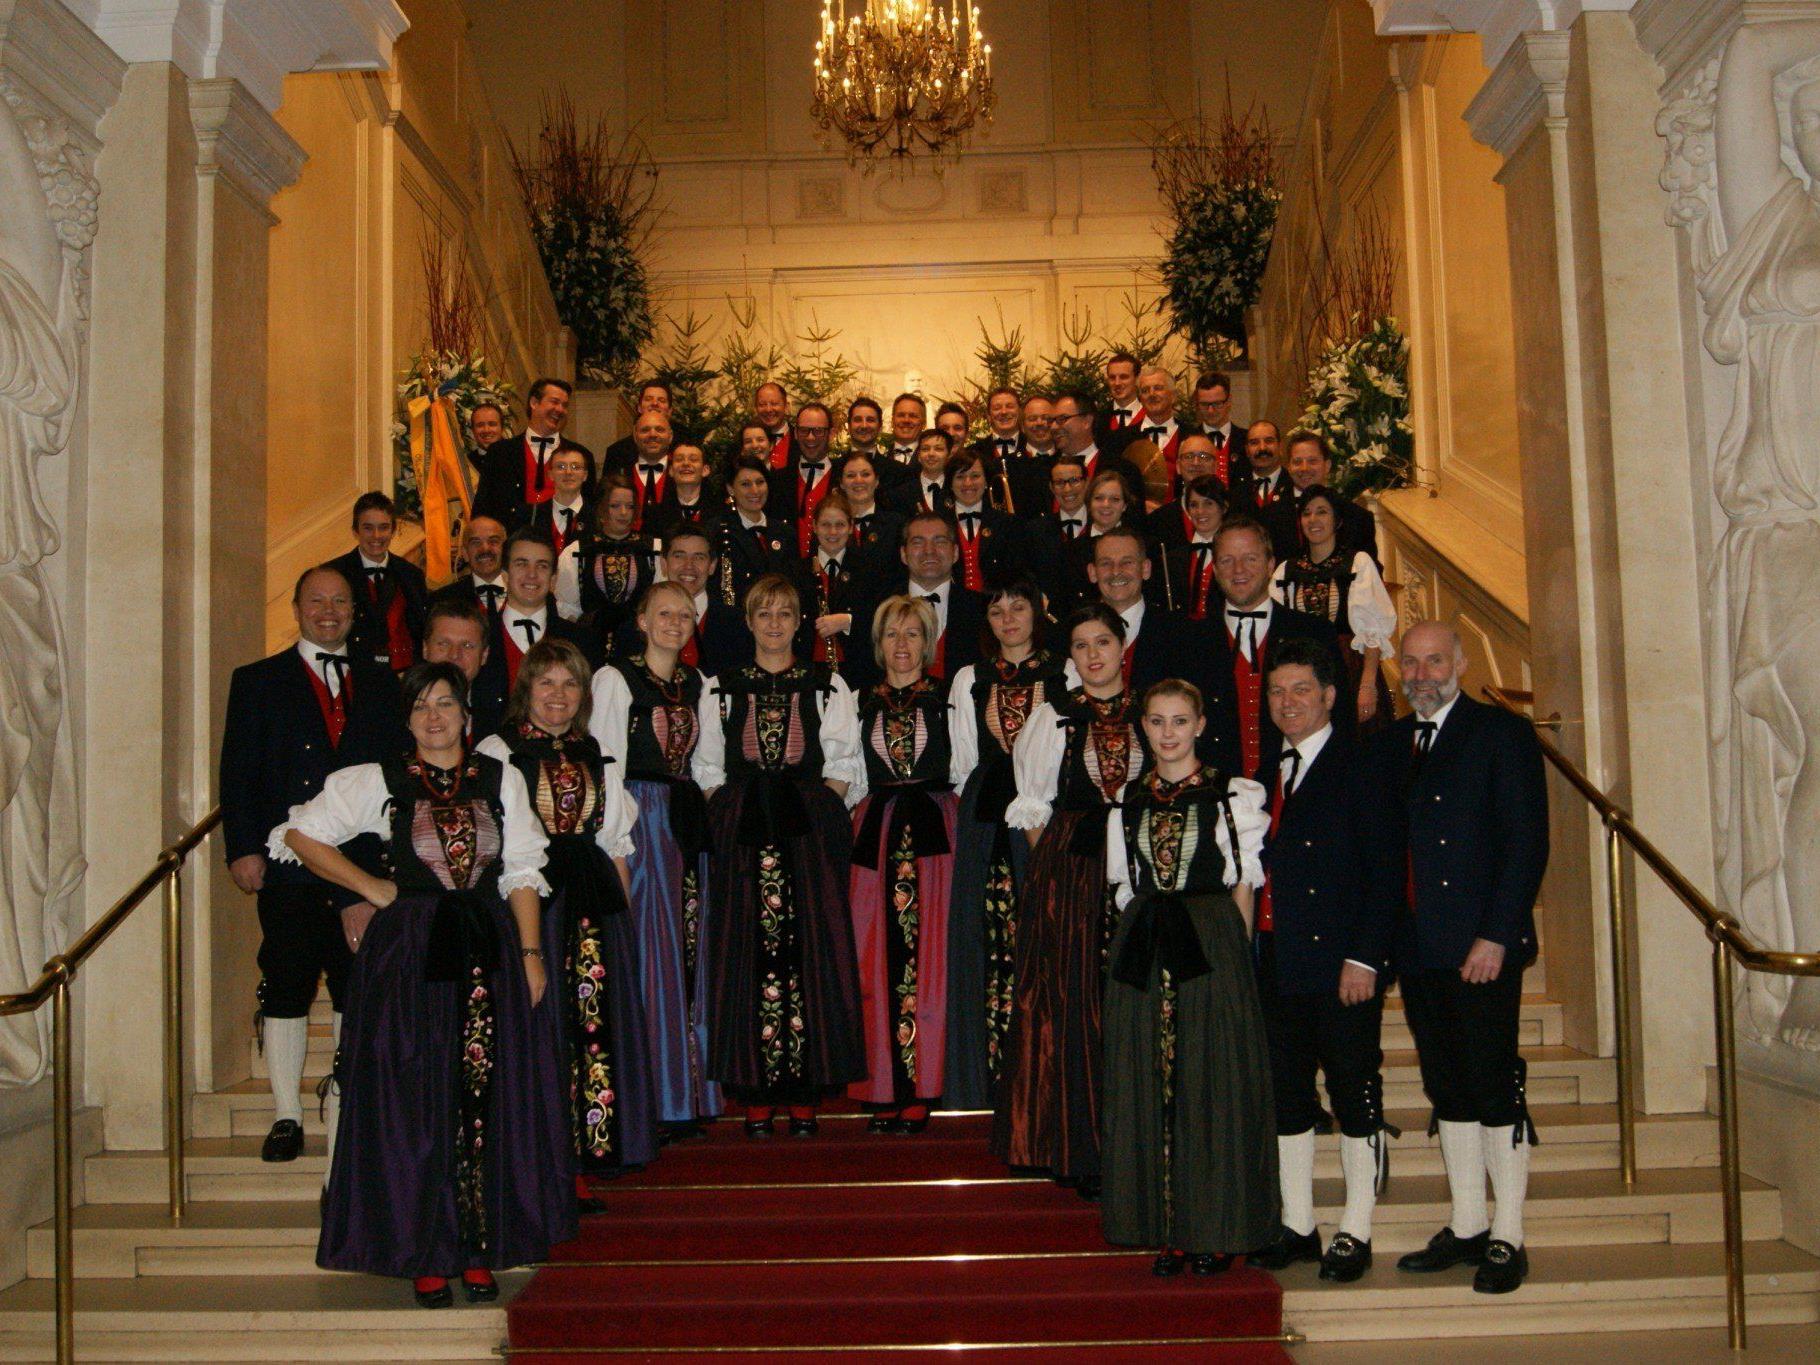 Die Trachtengruppe und Harmoniemusik Schruns laden zur Benefizveranstaltung ein.